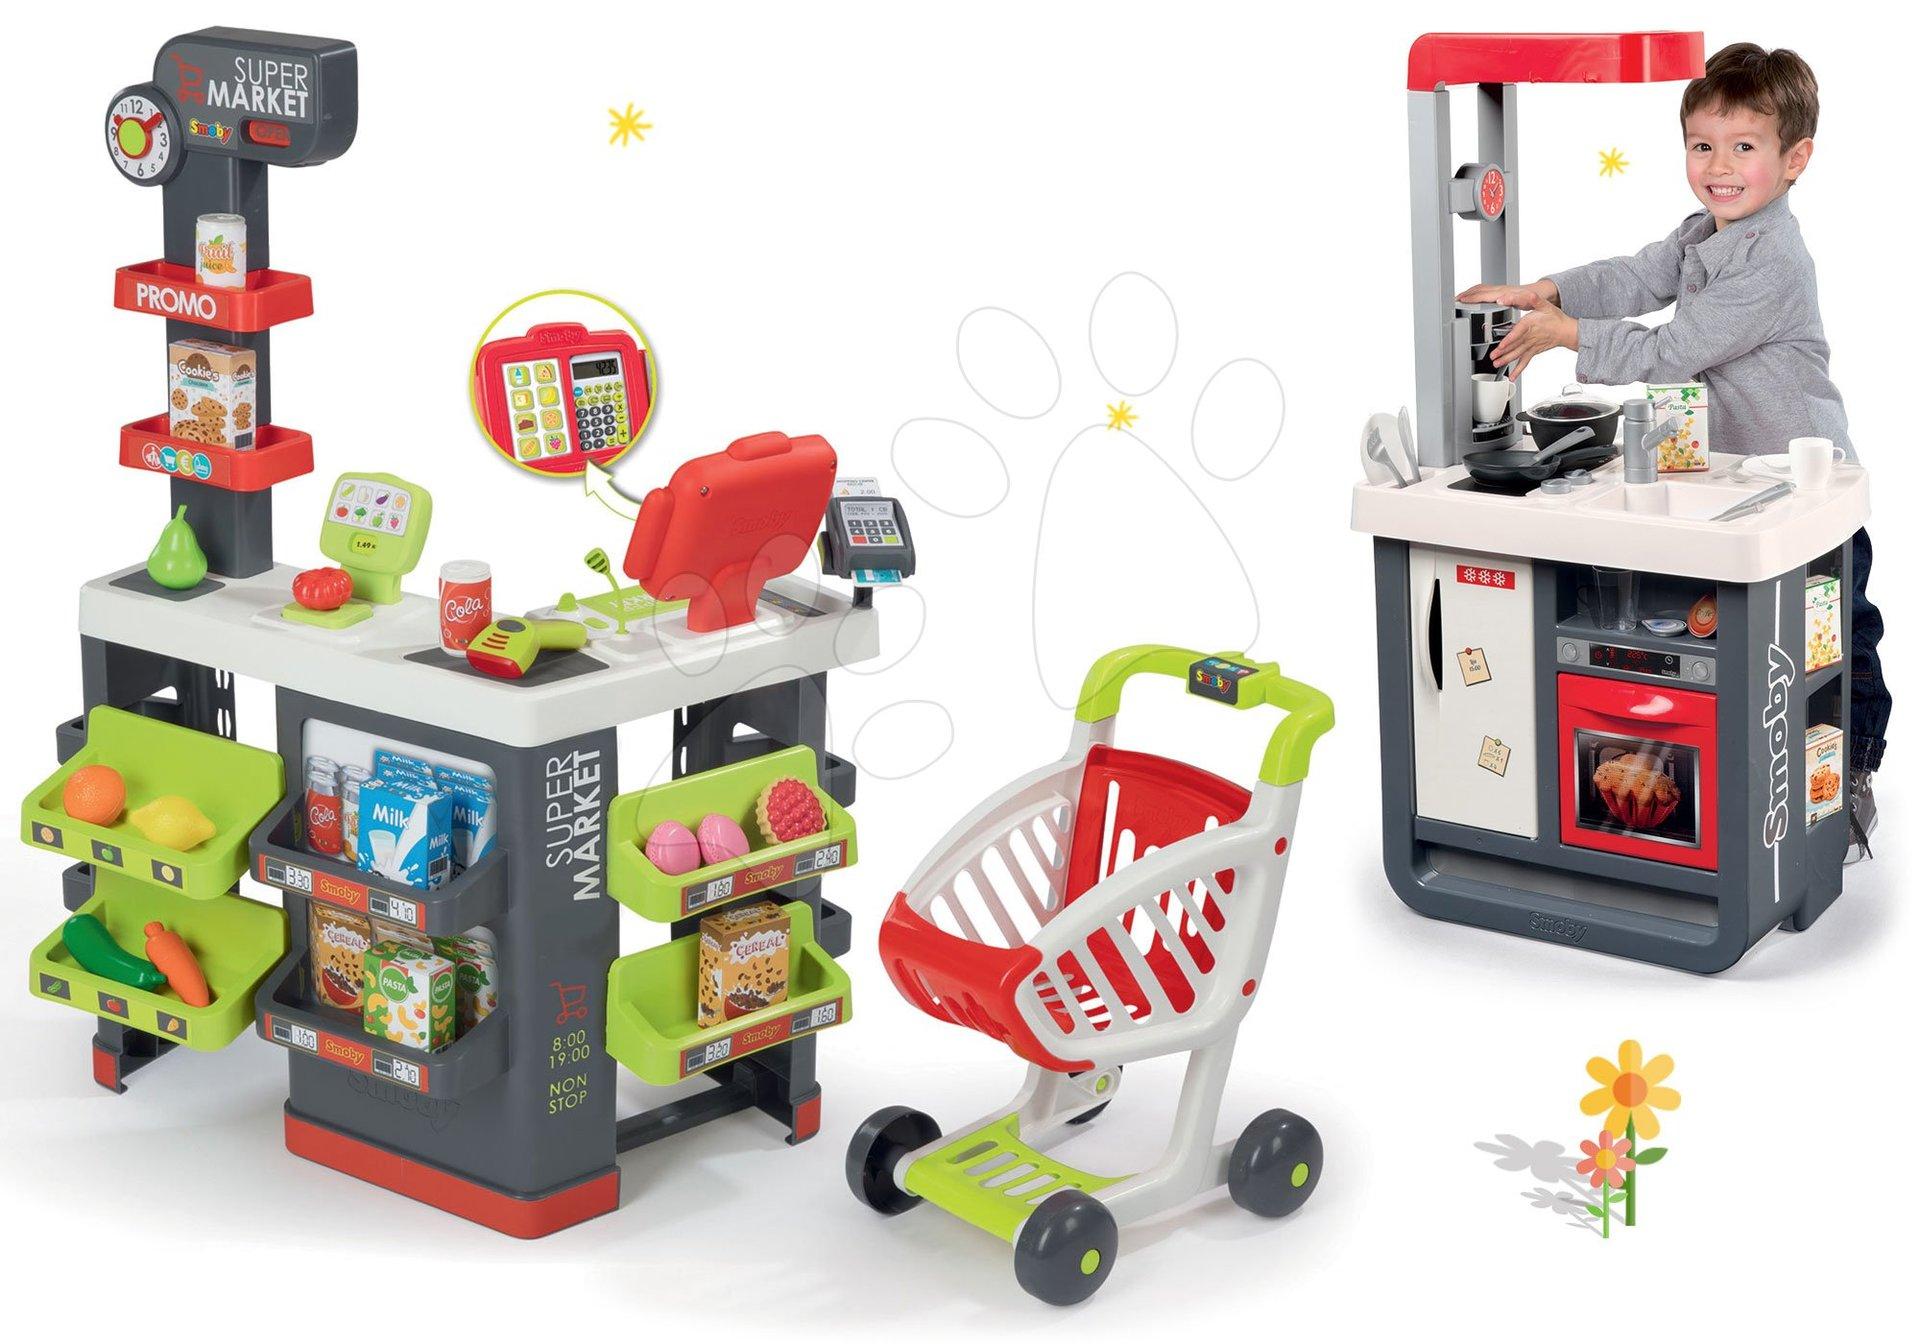 Smoby set obchod s vozíkom Supermarket a kuchynka Gourmande s chladničkou a kávovarom 350213-2